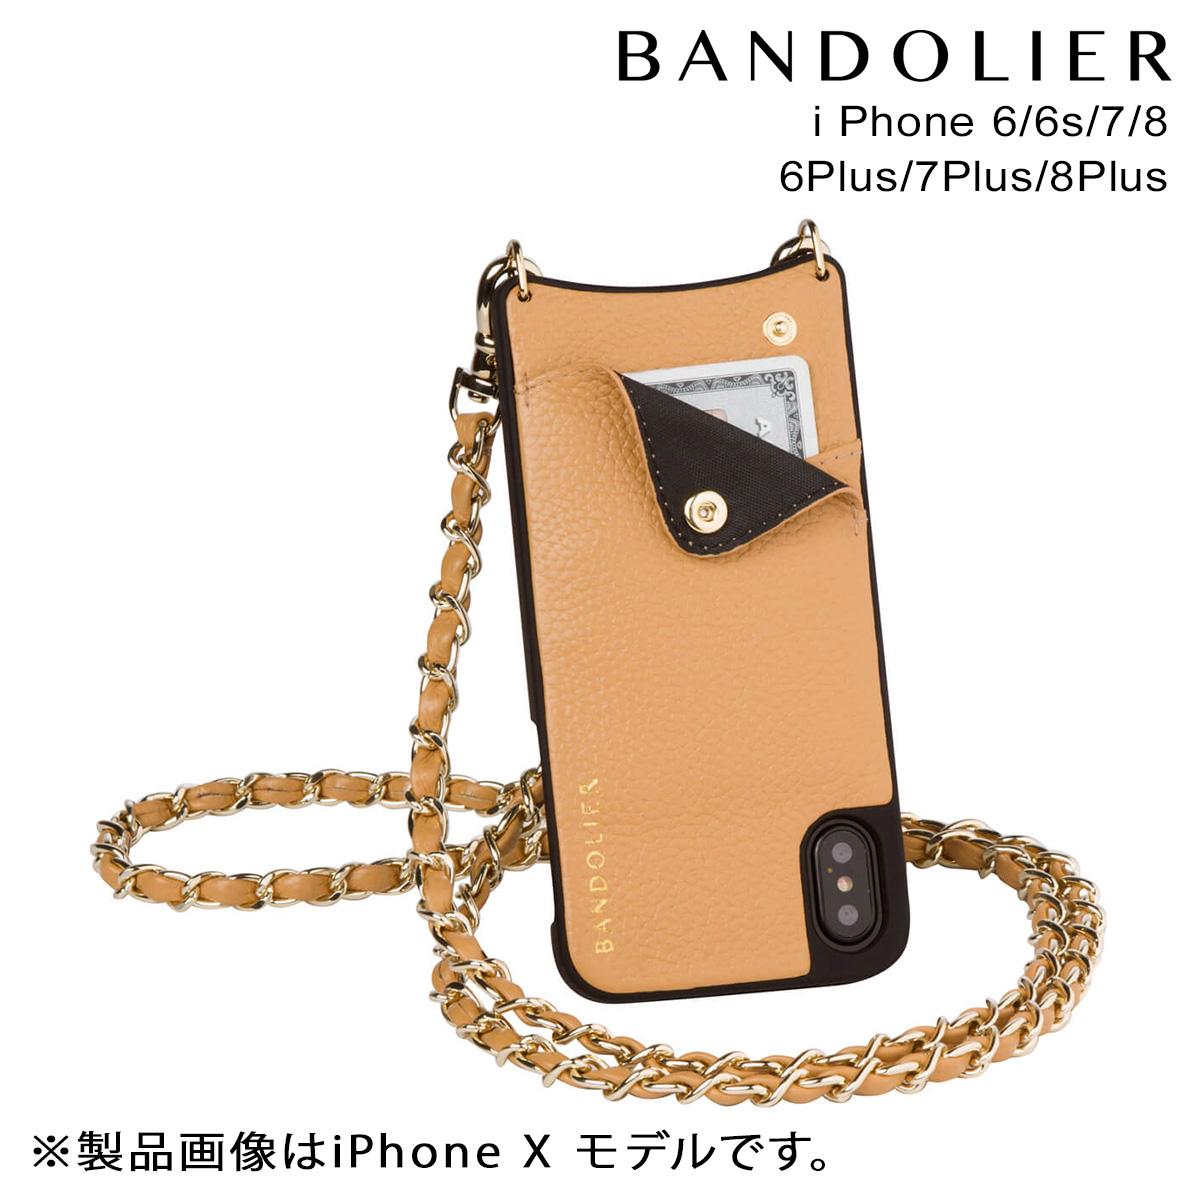 バンドリヤー BANDOLIER iPhone8 iPhone7 7Plus 6s ケース スマホ アイフォン プラス LUCY GOLDENROD メンズ レディース [9/19 新入荷]